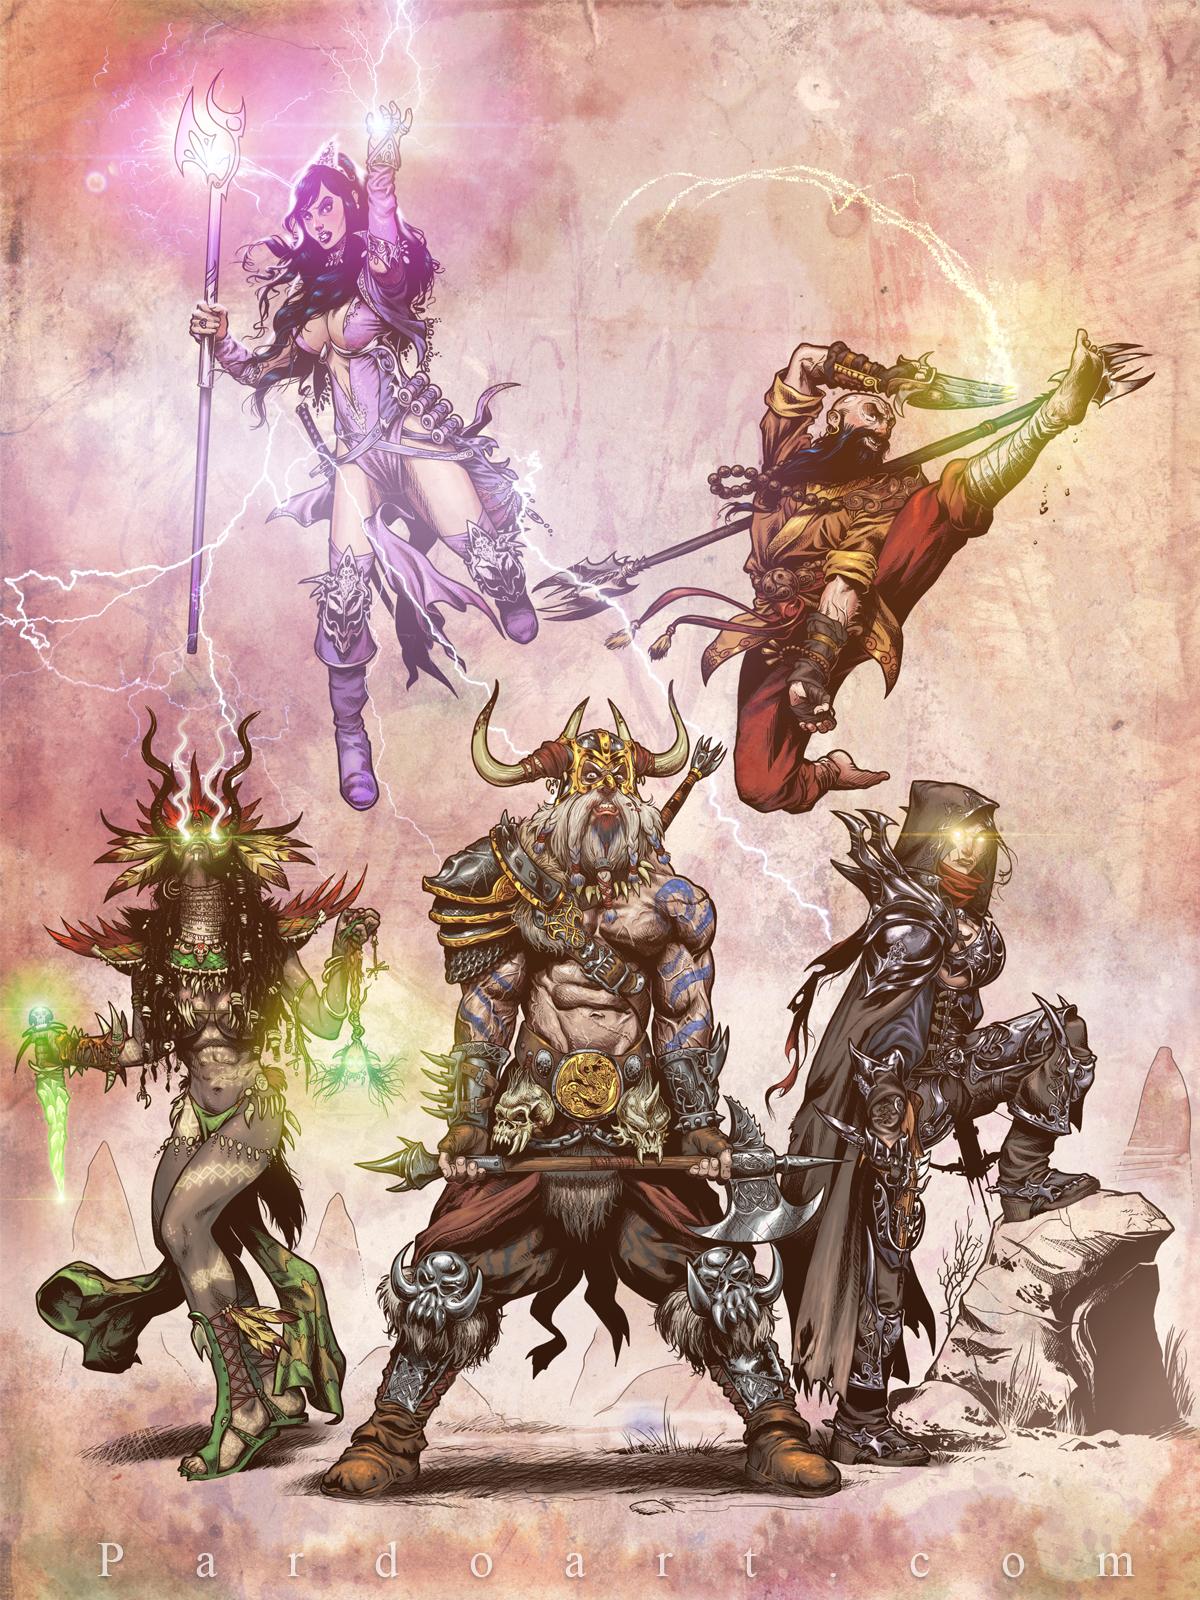 Diablo III art contest by pardoart